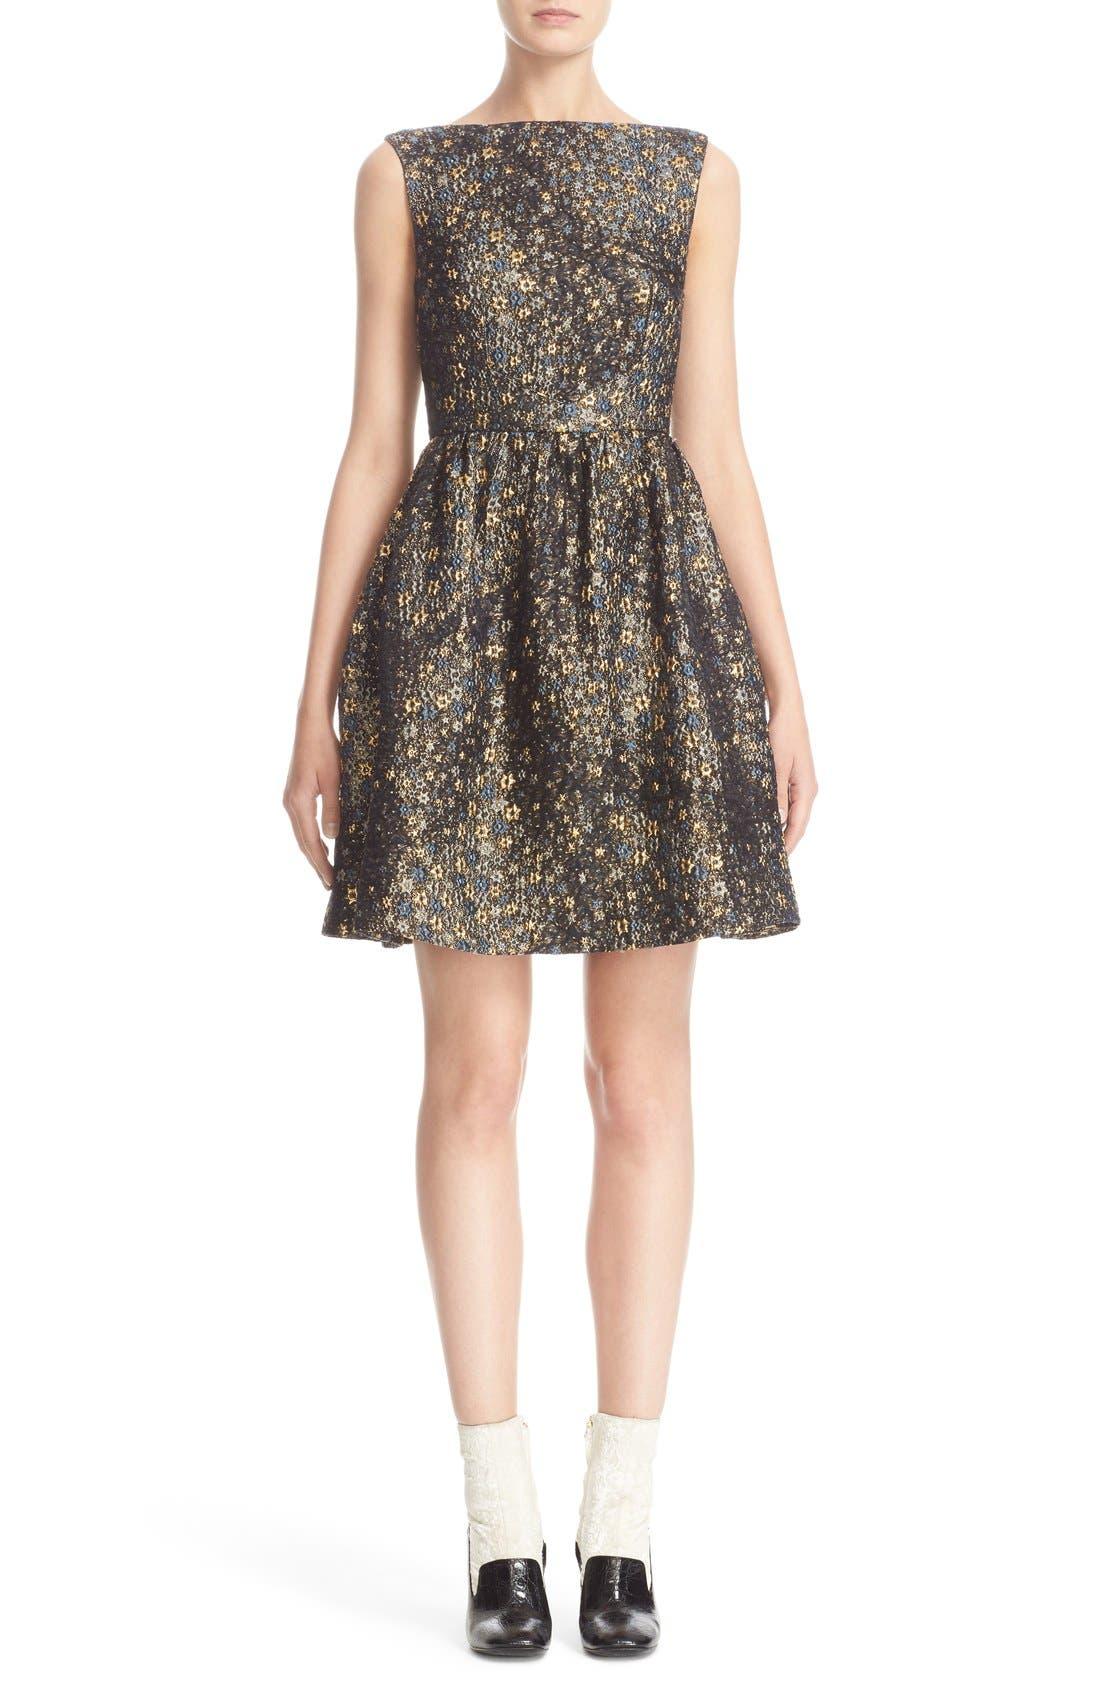 Alternate Image 1 Selected - Erdem Star Jacquard Fit & Flare Dress